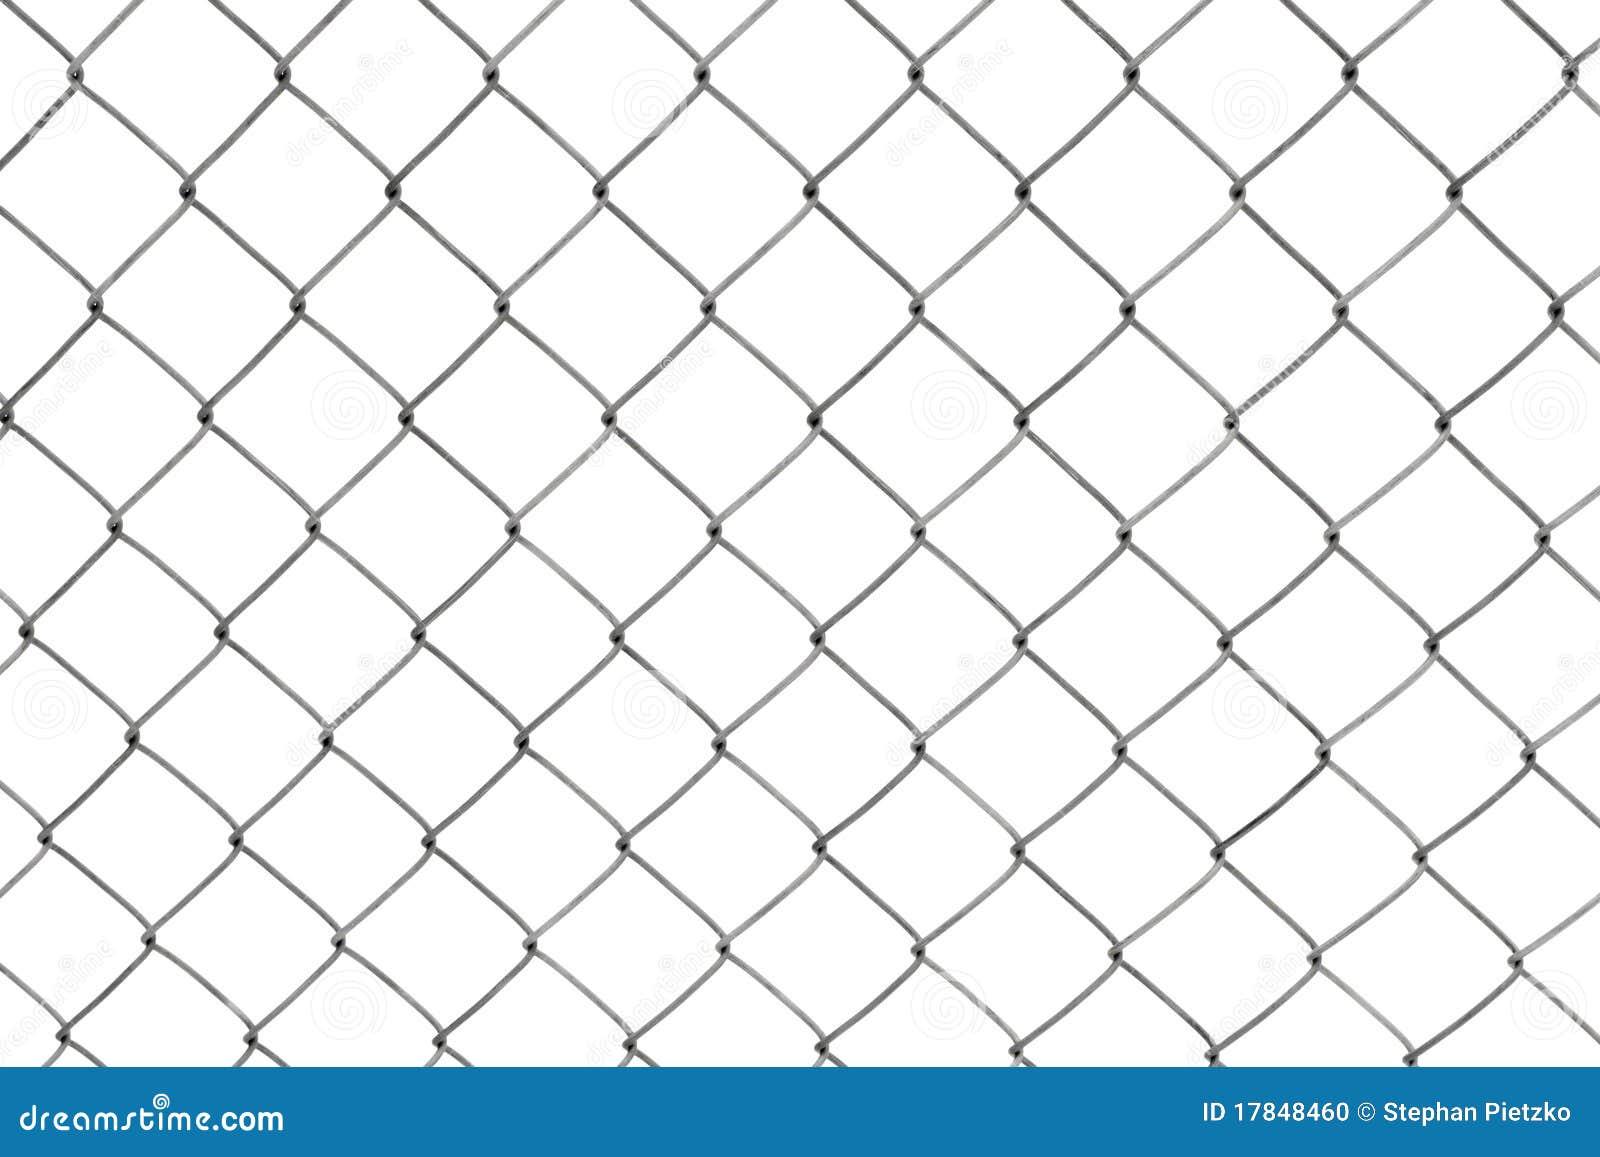 Kette Link Zaun Getrennt Auf Weiss Stockfoto Bild Von Rand Metall